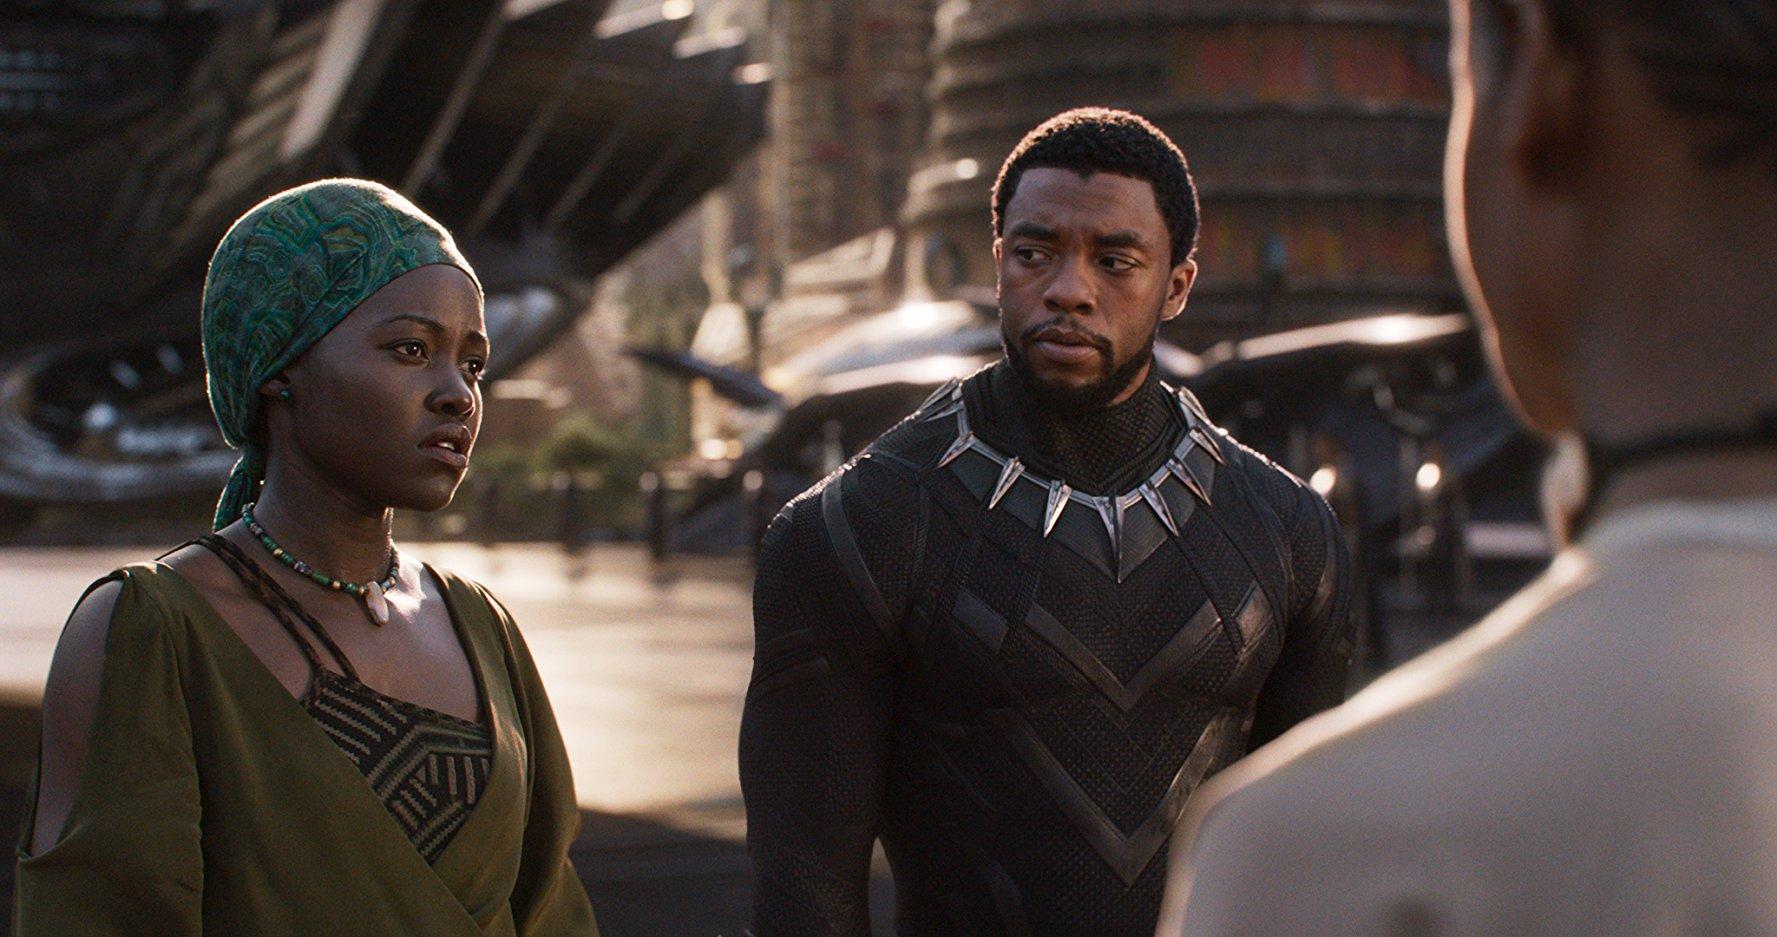 Otra imagen más de 'Black Panther'